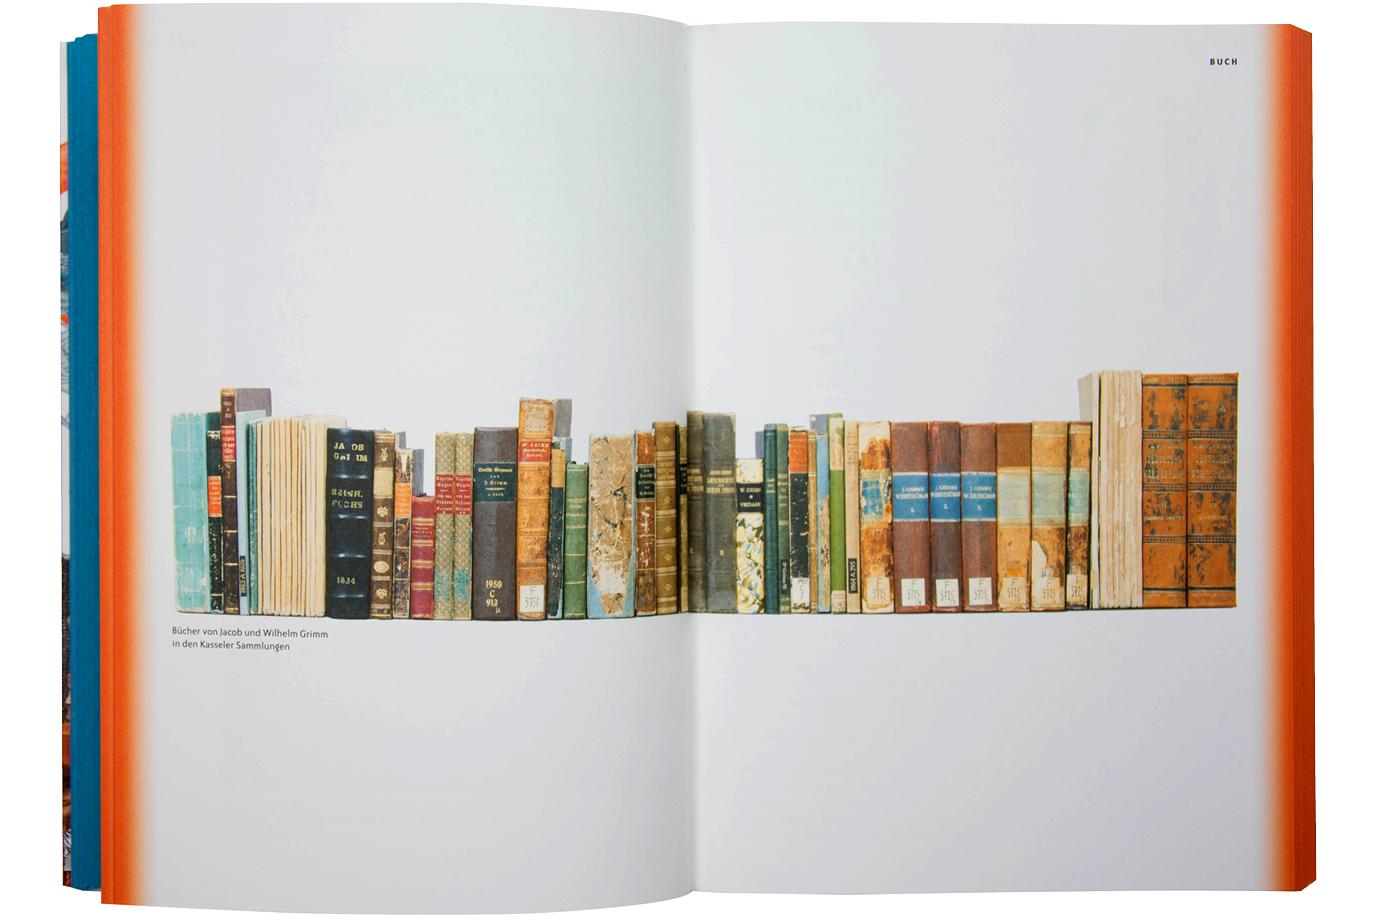 http://e-o-t.de/wordpress/wp-content/uploads/2017/05/2015_eot-Grimmwelt-Book-08.jpg